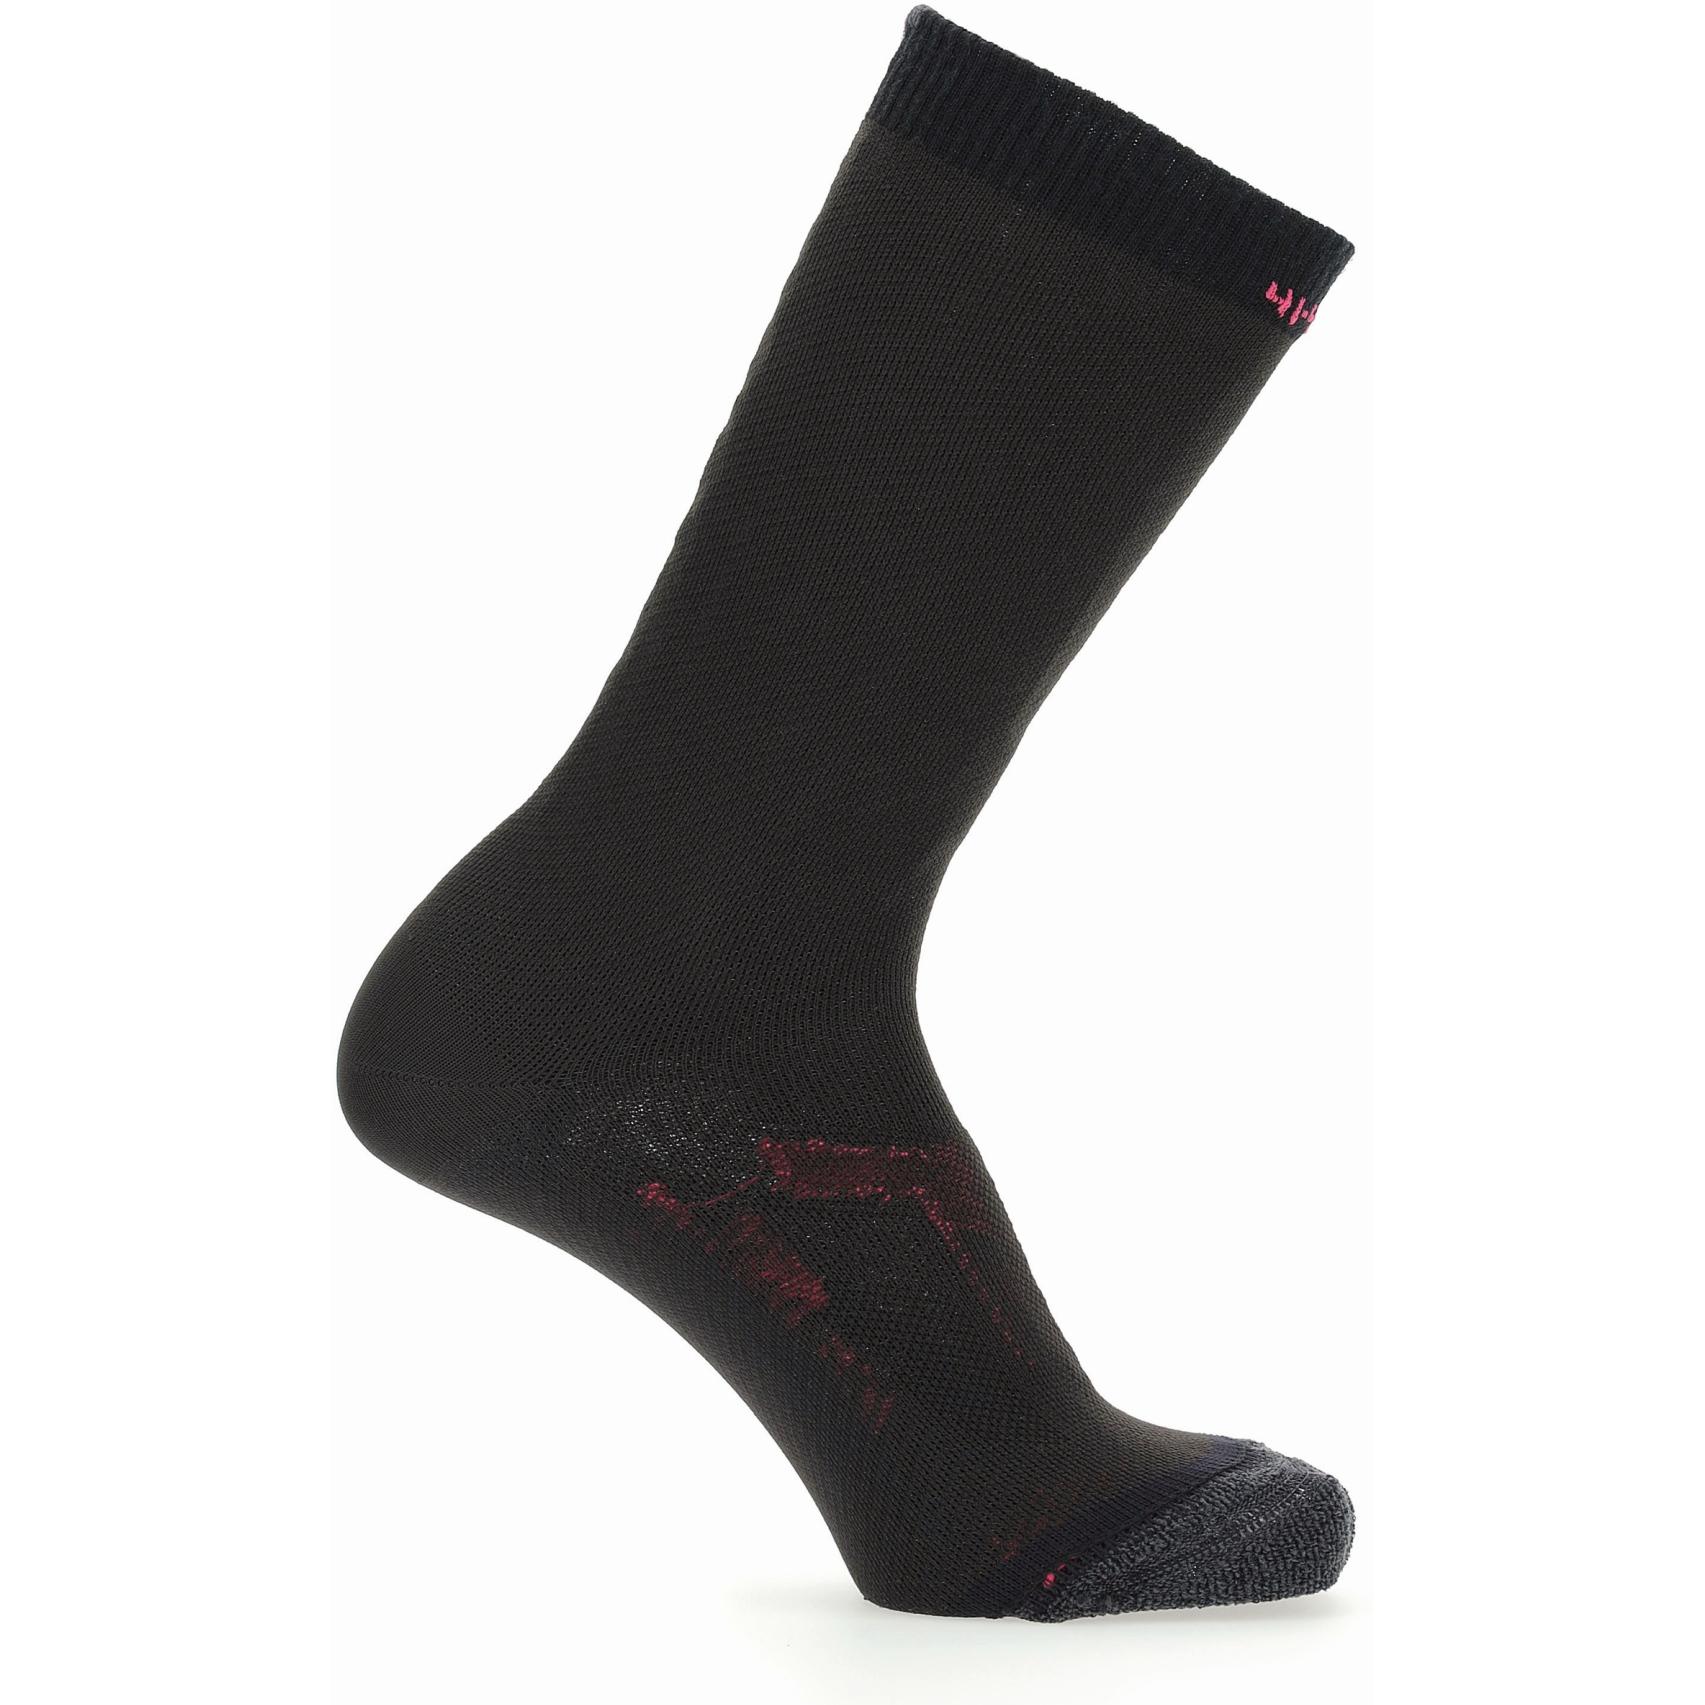 Bild von UYN Ski Cross Country 2In Socken Damen - Schwarz/Pink